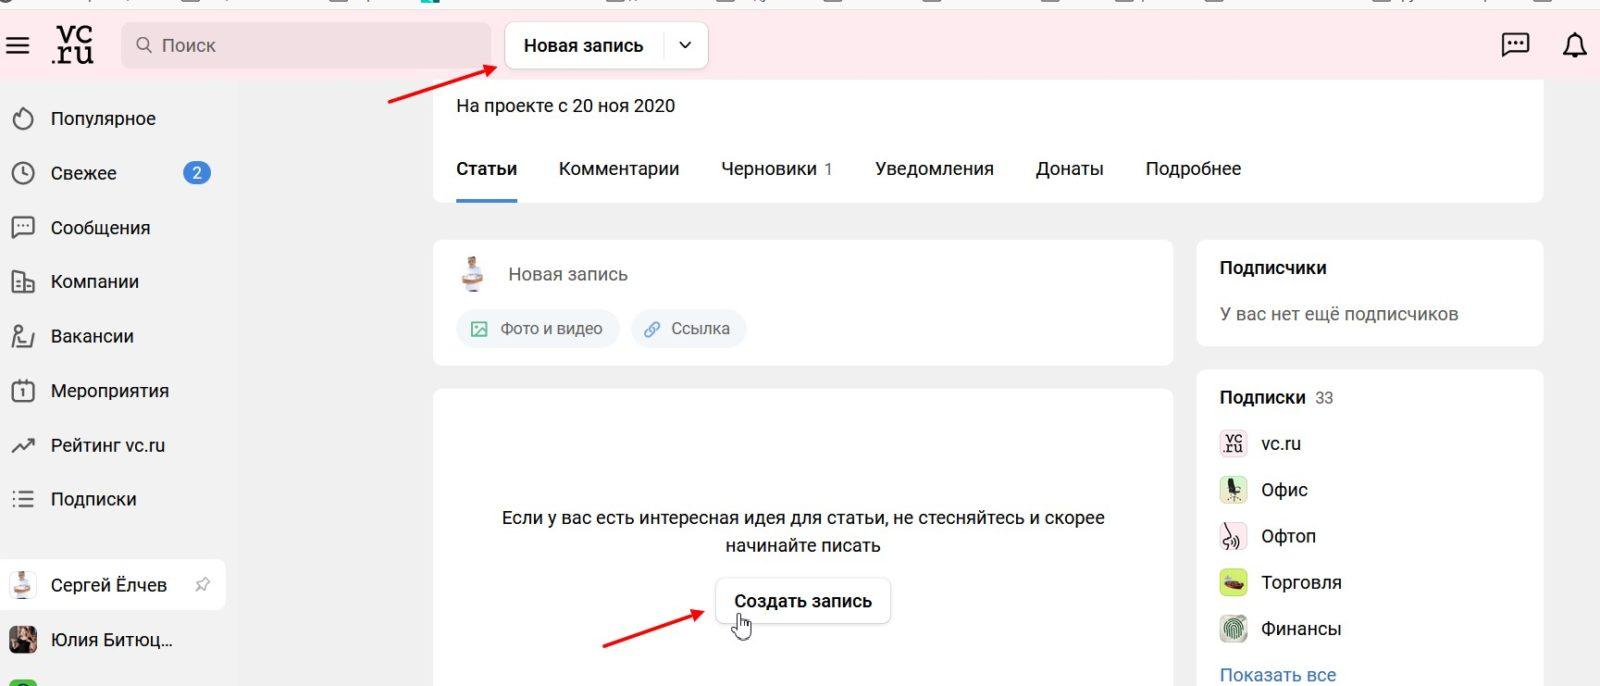 Как создать запись на Vc.ru 2 (1)